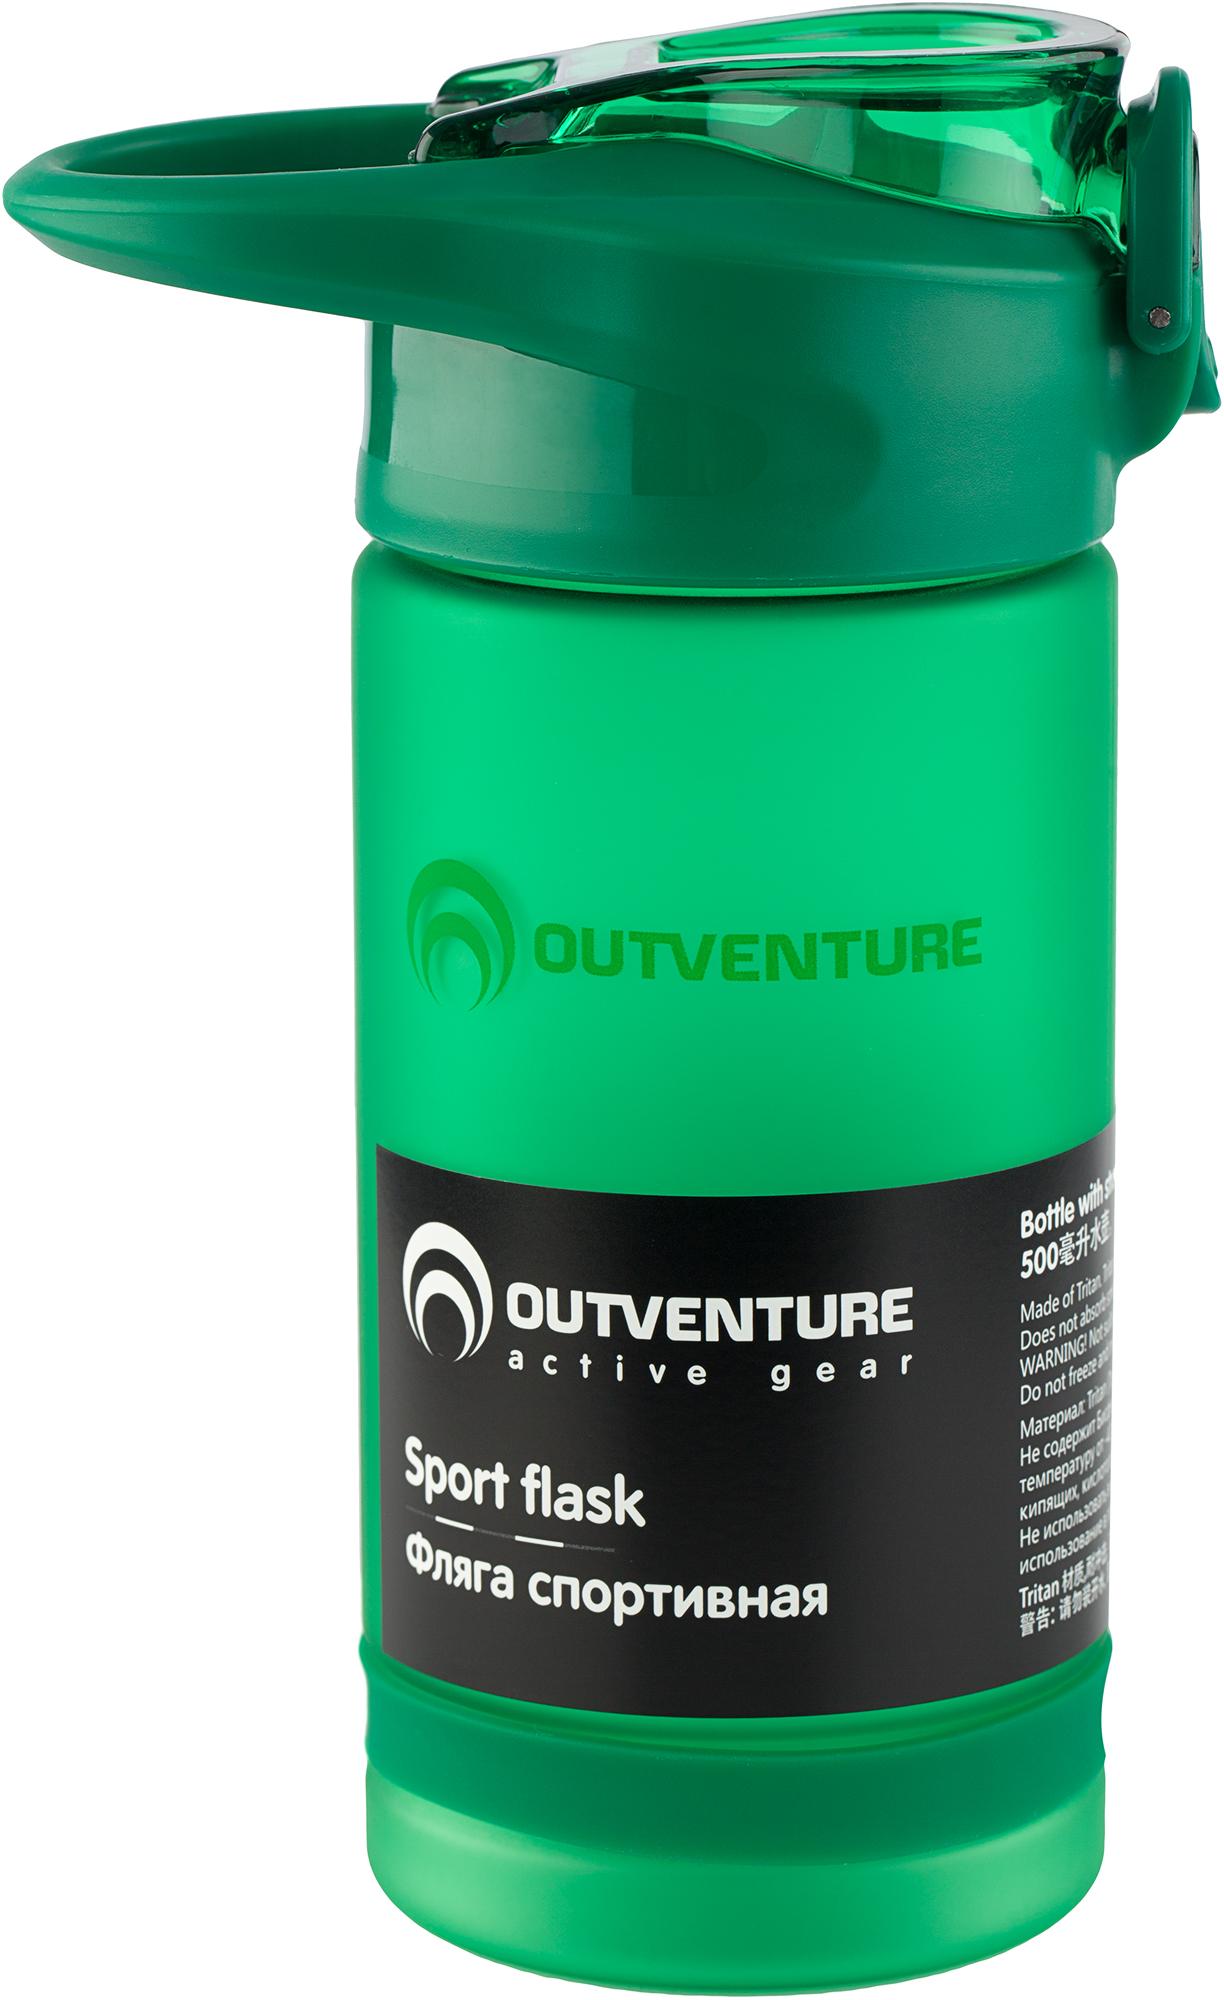 Outventure Фляга Outventure, 500 мл